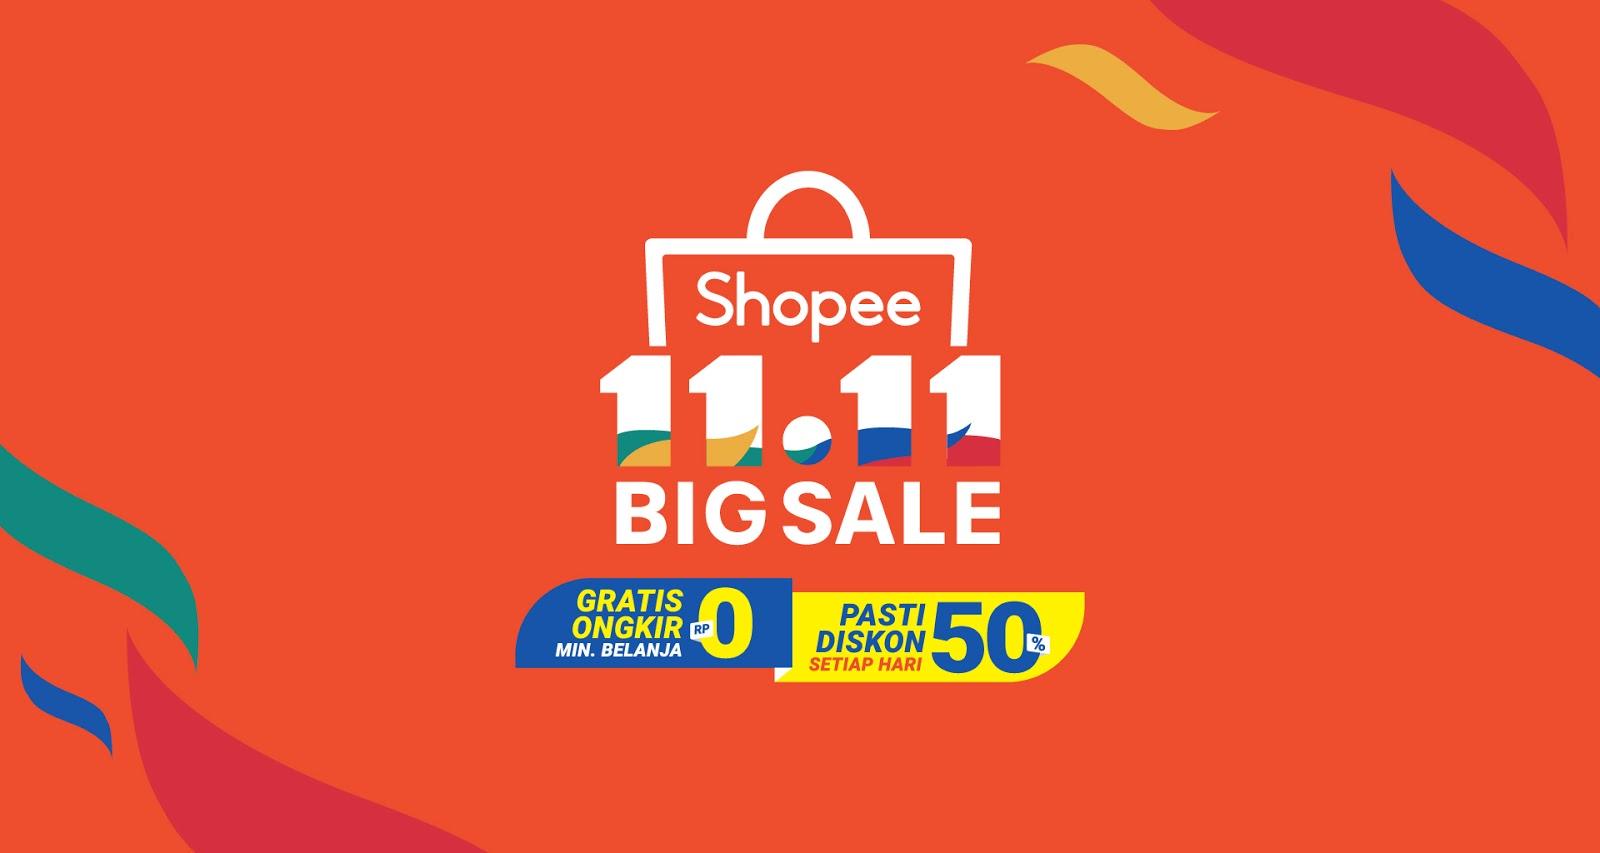 Rayakan Puncak Shopee 10 10 Brands Festival Dengan 10 Langkah Penting Ini Tabayuna